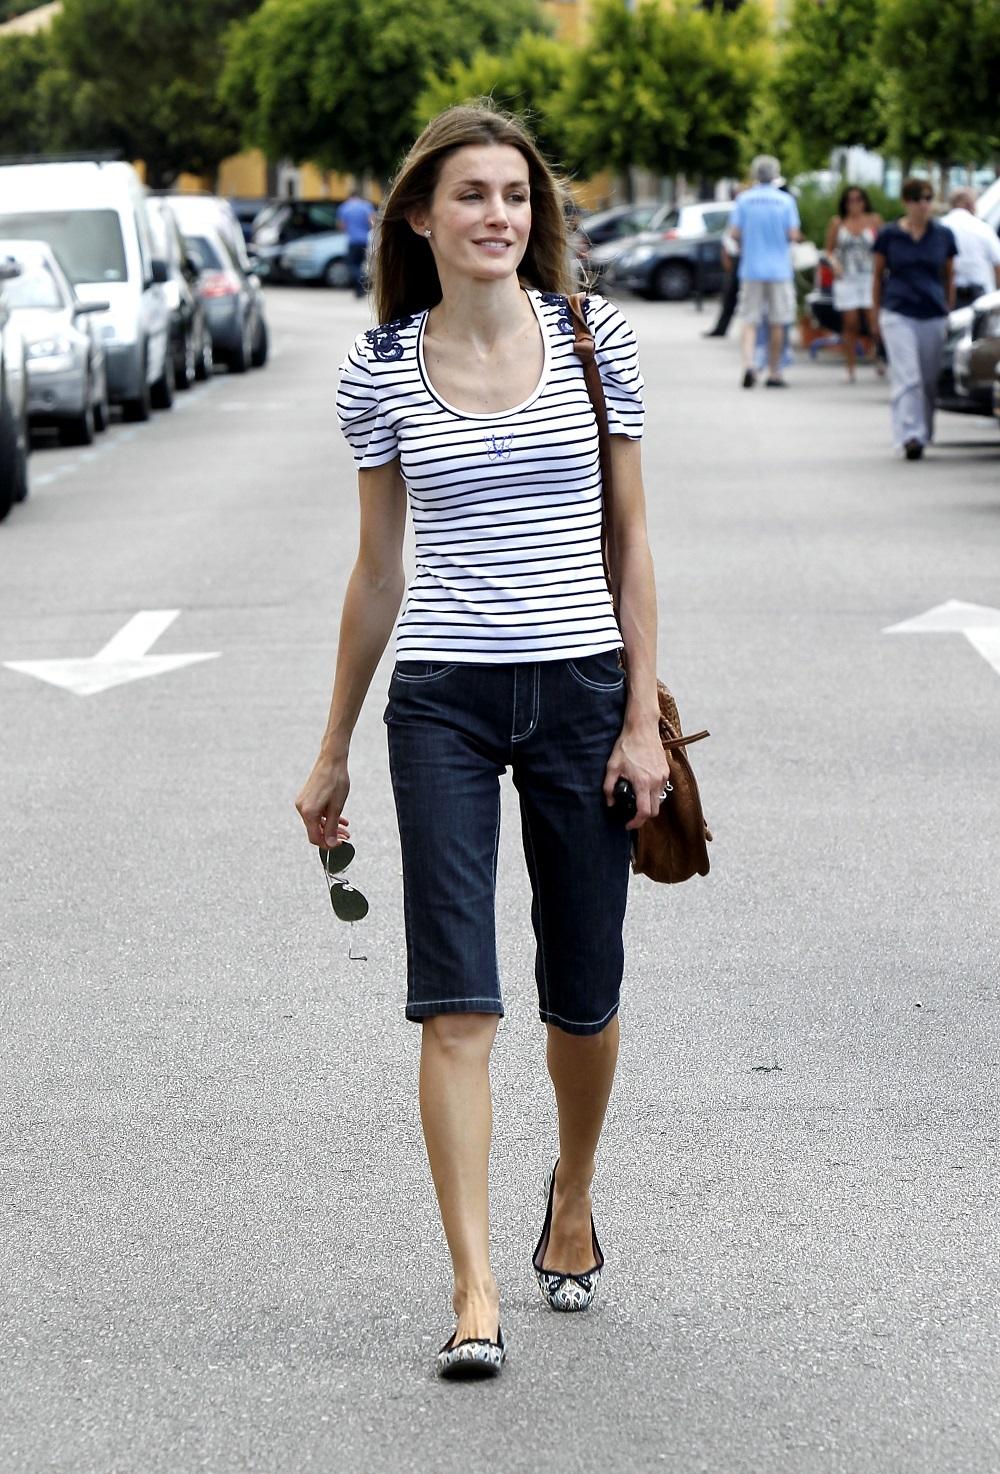 Aún no era reina. La princesa de Asturias Letizia Ortiz paseando por las calles de Palma de Mallorca en 2010.